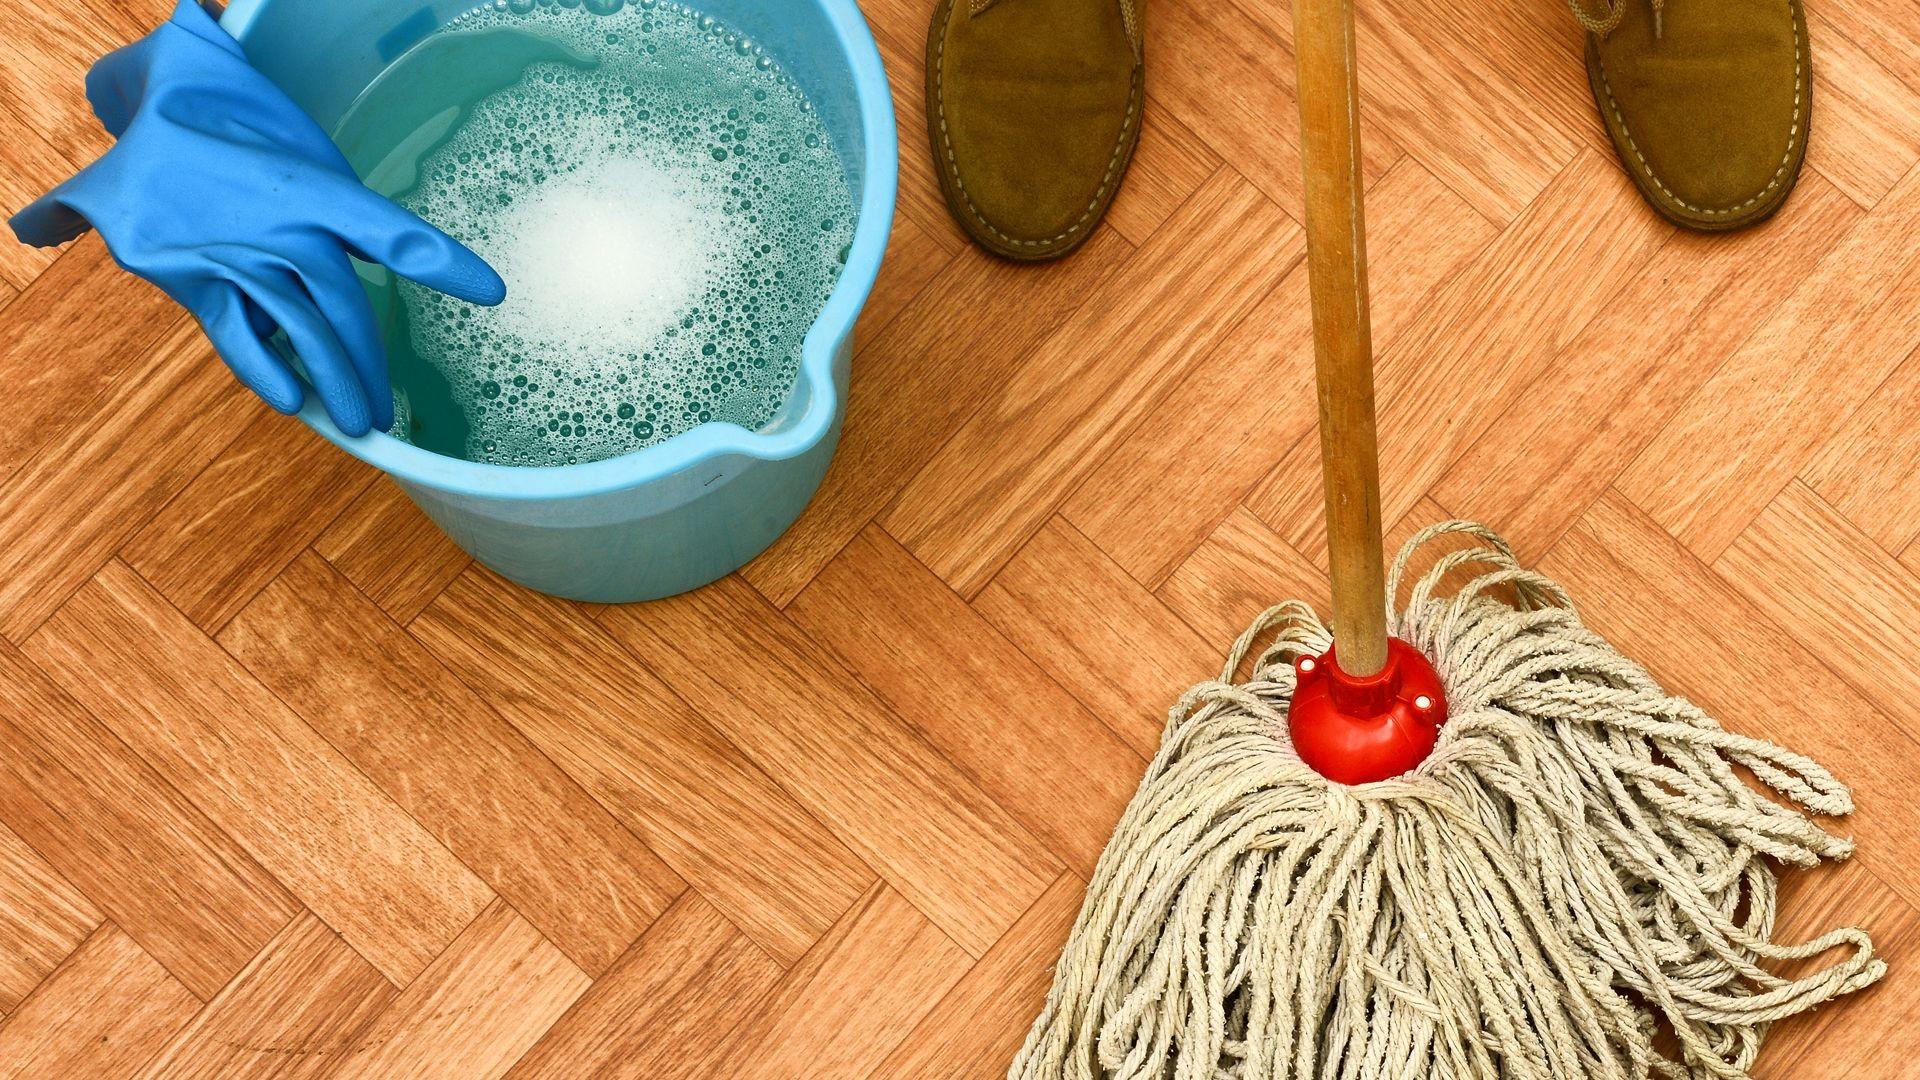 Distribución y venta de artículos de limpieza en Toledo